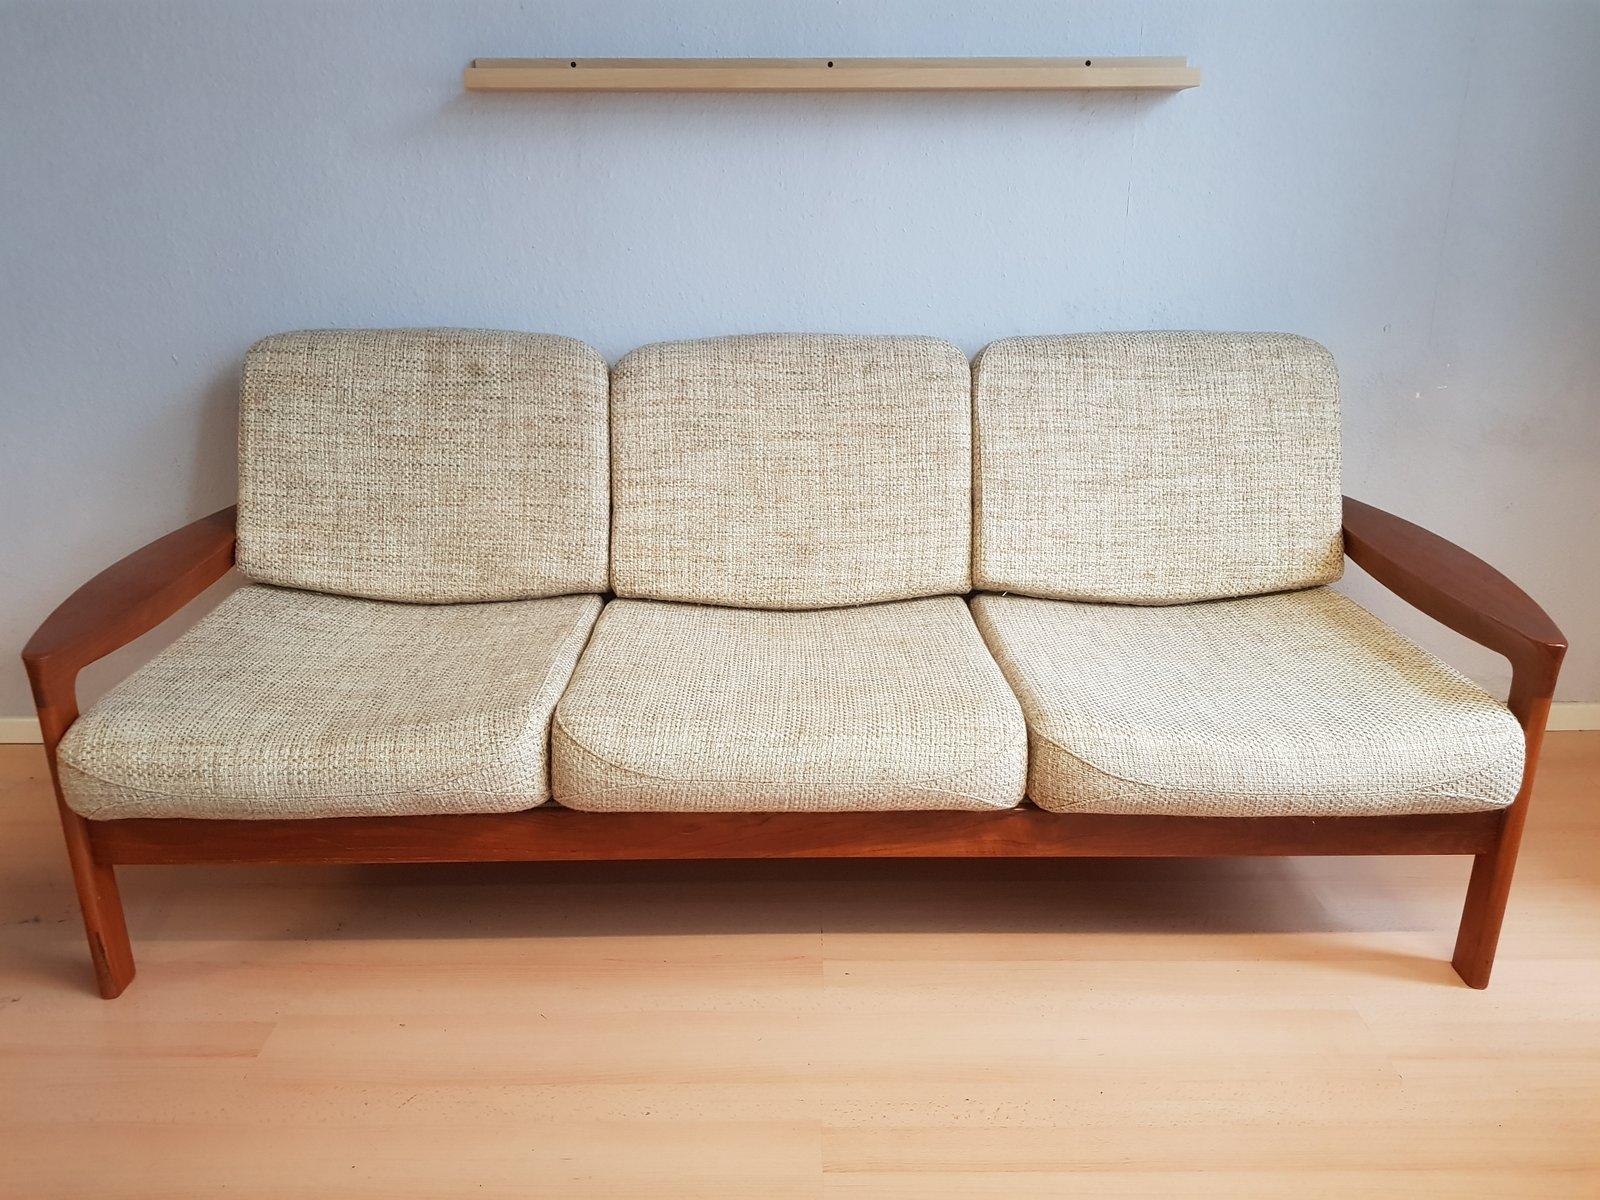 Danish Teak 3-Seater Sofa by Sven Ellekaer for Komfort, 1960s for ...